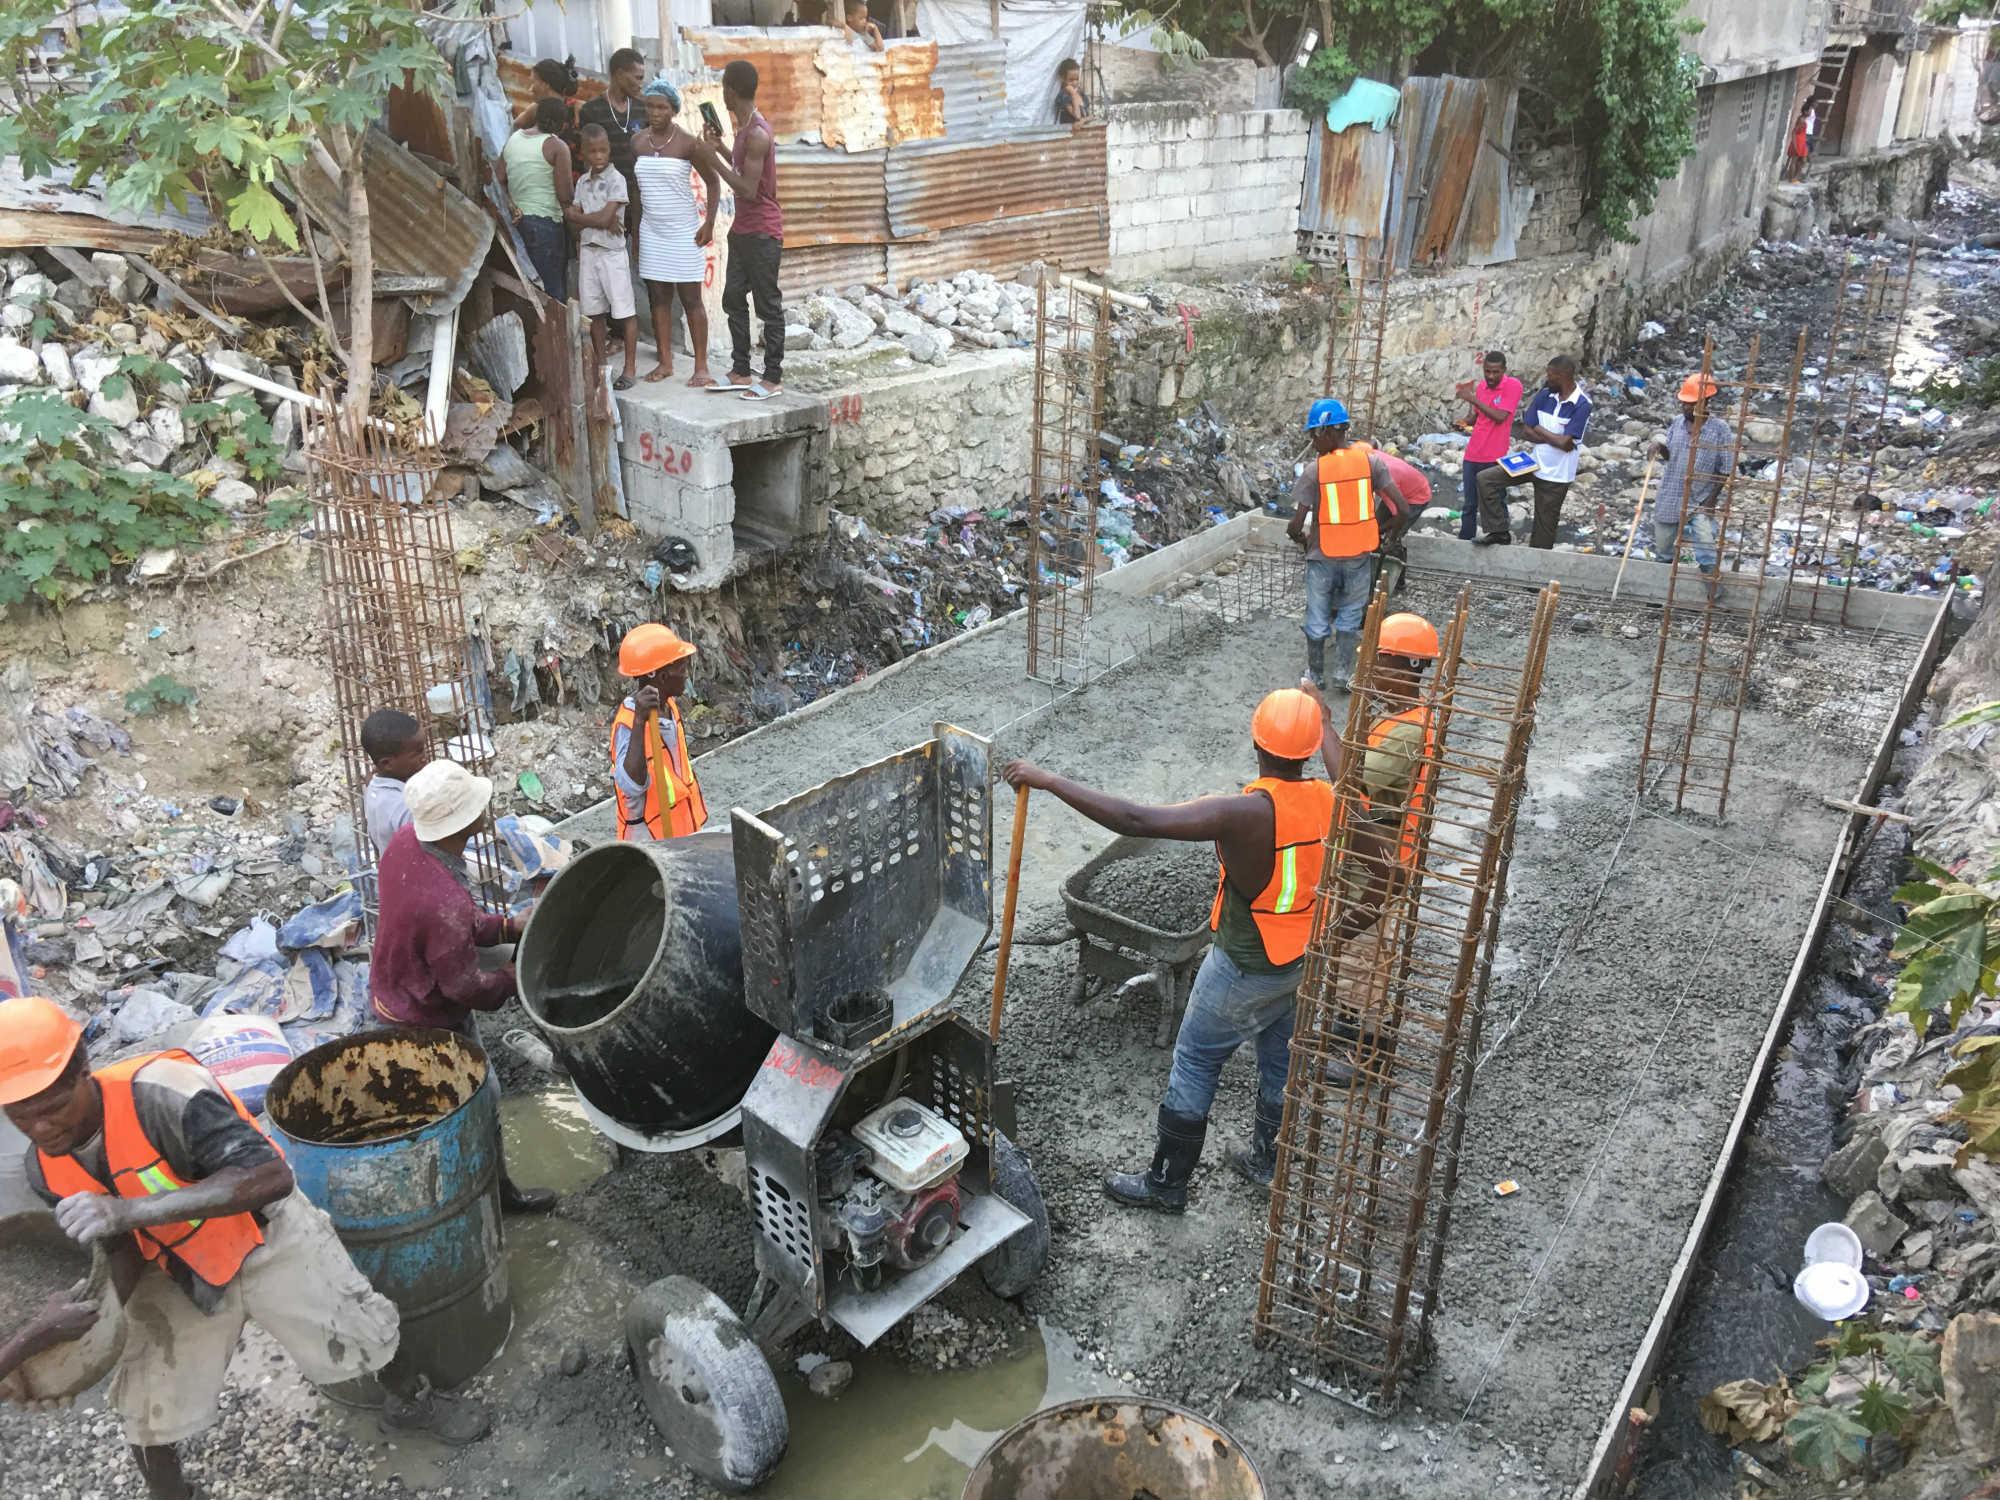 Port au Prince : rétablir l'accès à l'eau potable et à l'assainissement pour les populations sinistrées